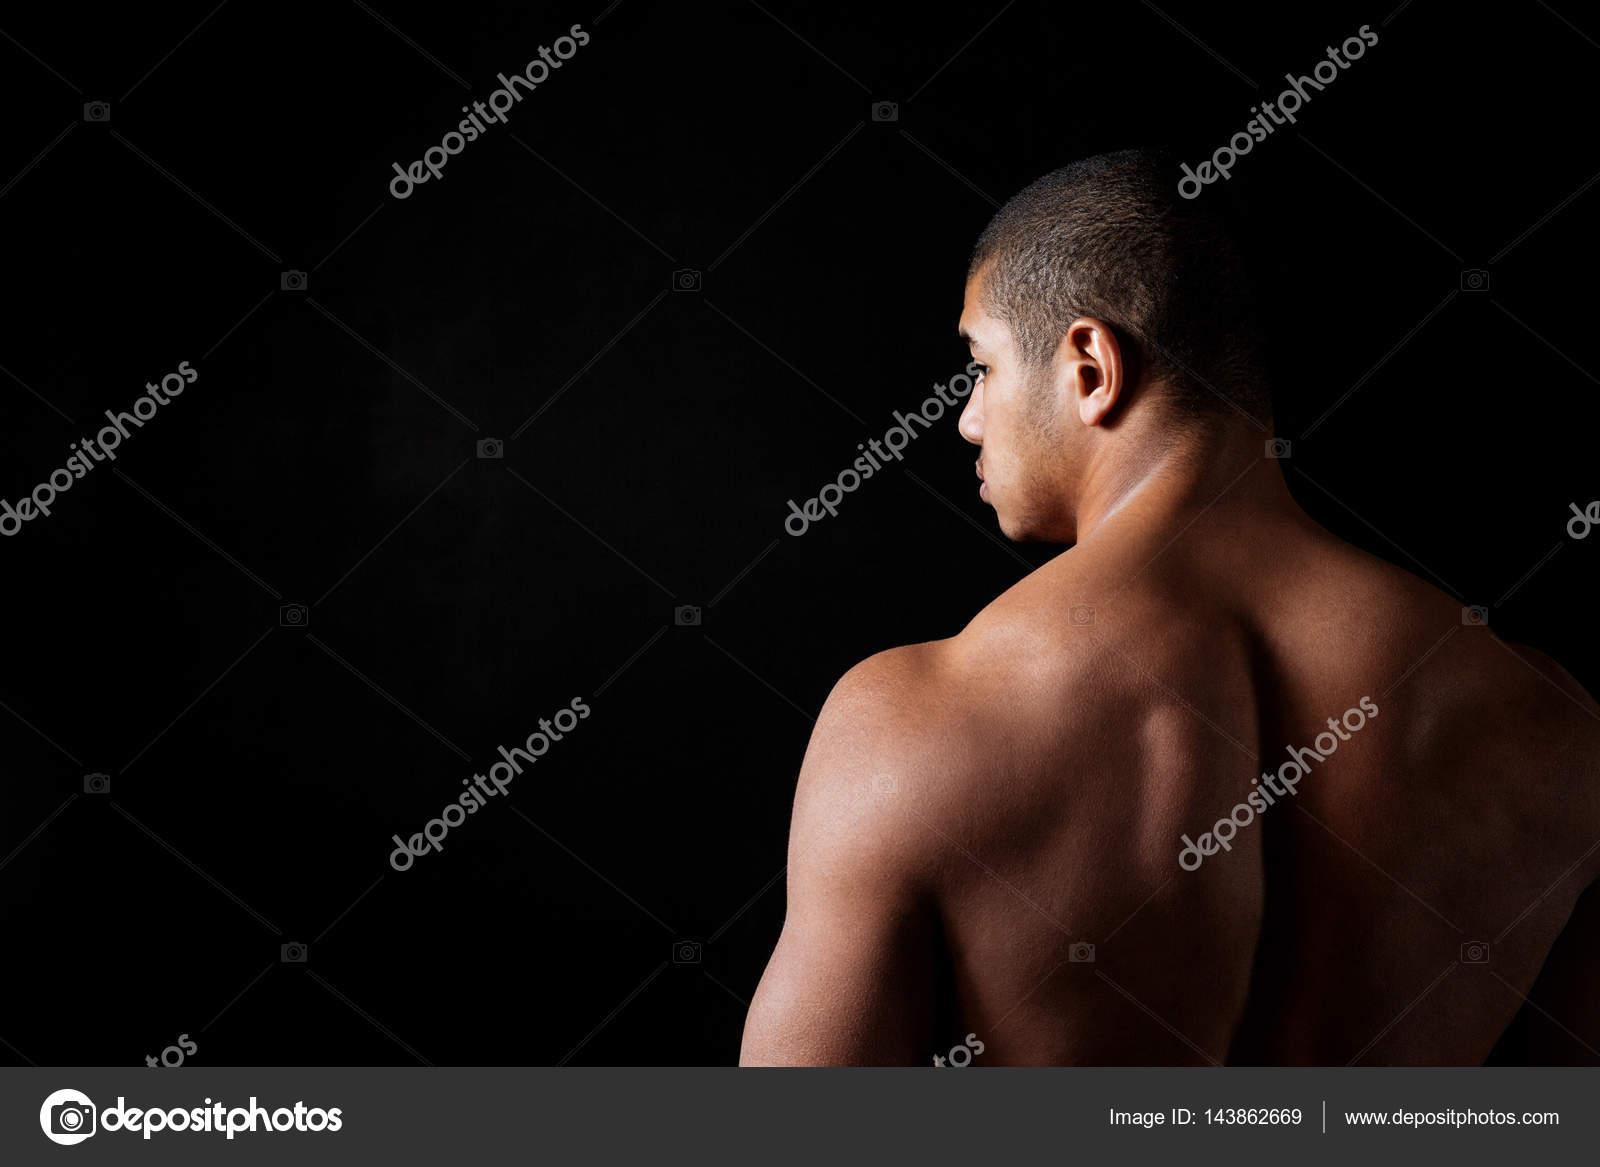 Nero vagina porno pic